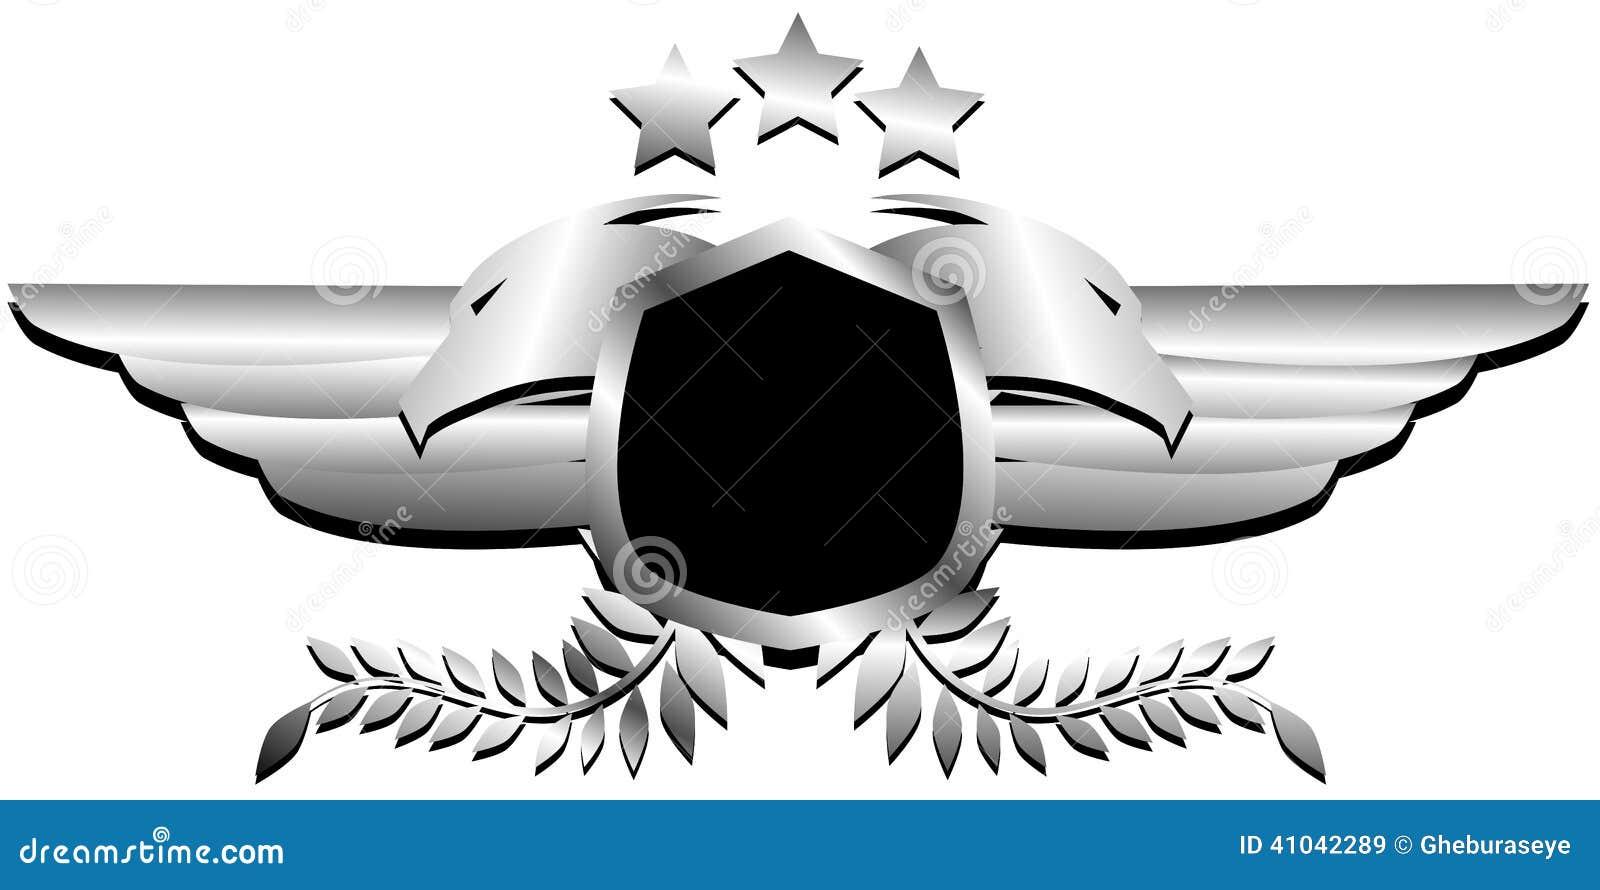 Bien connu Logo Métallique D'aigle à Deux Têtes Photo stock - Image: 41042289 YR22